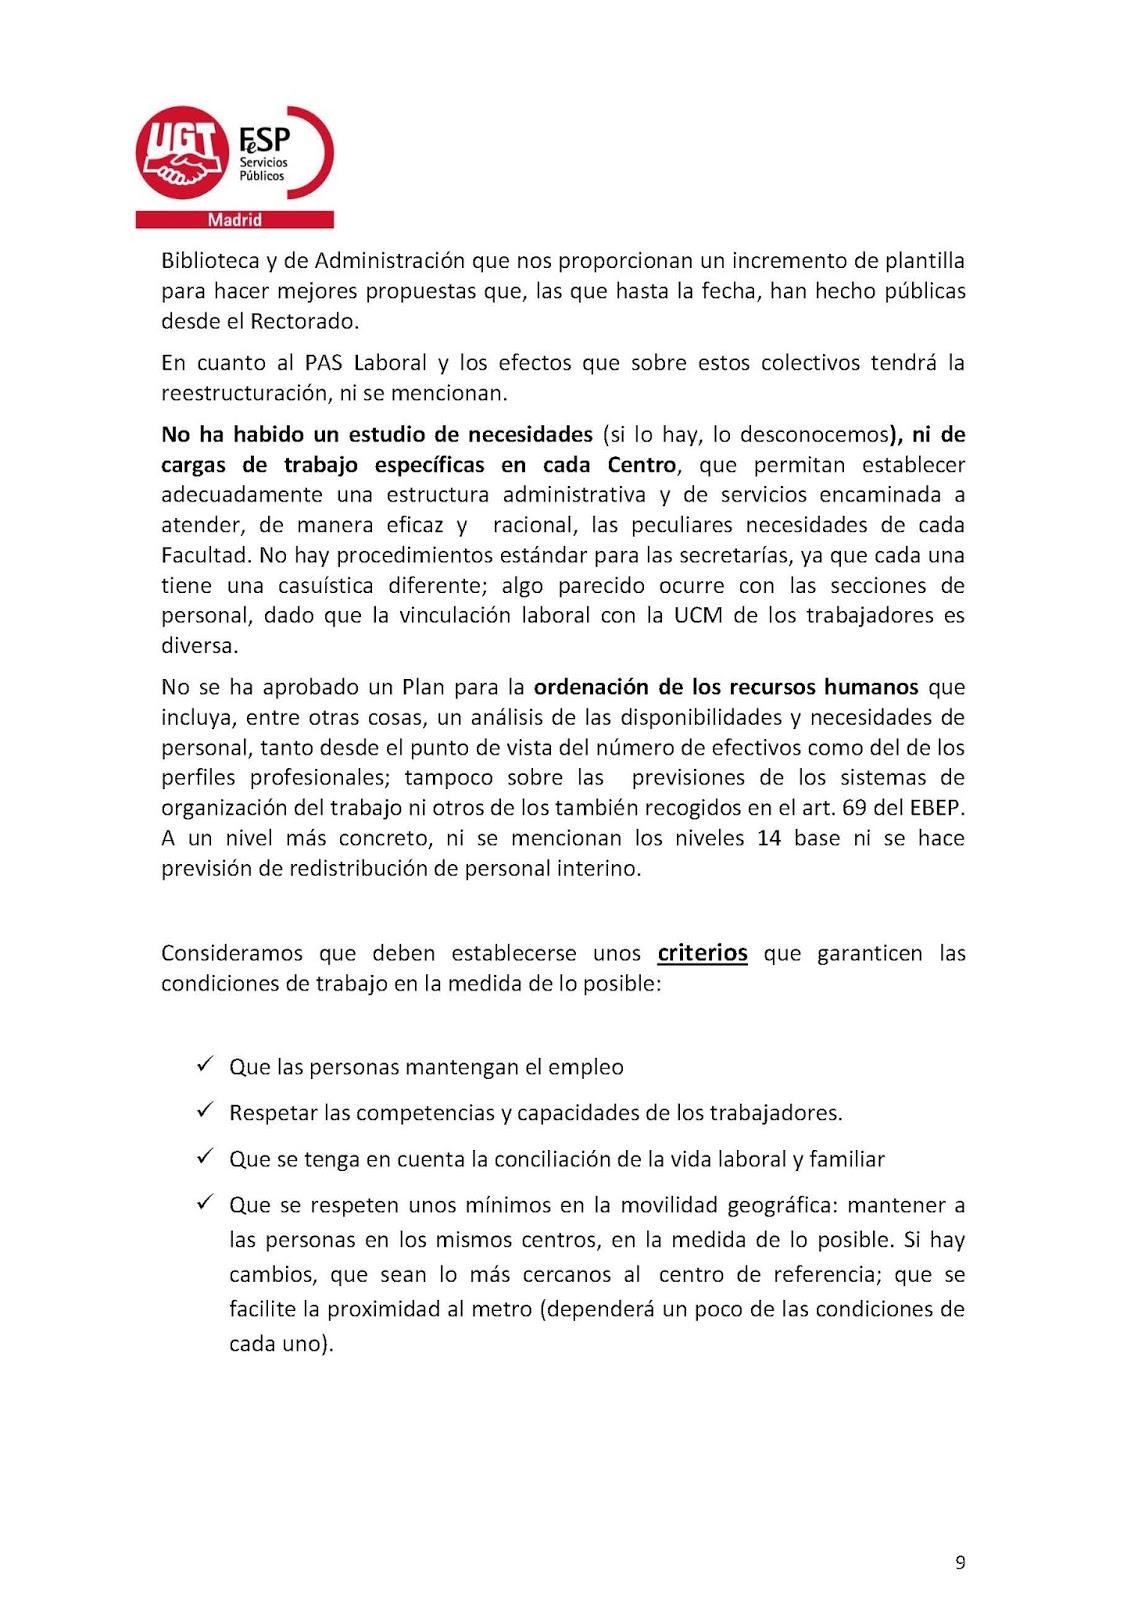 Sección Sindical de UGT en la UCM: PROPUESTA DE UGT ANTE PLAN ...